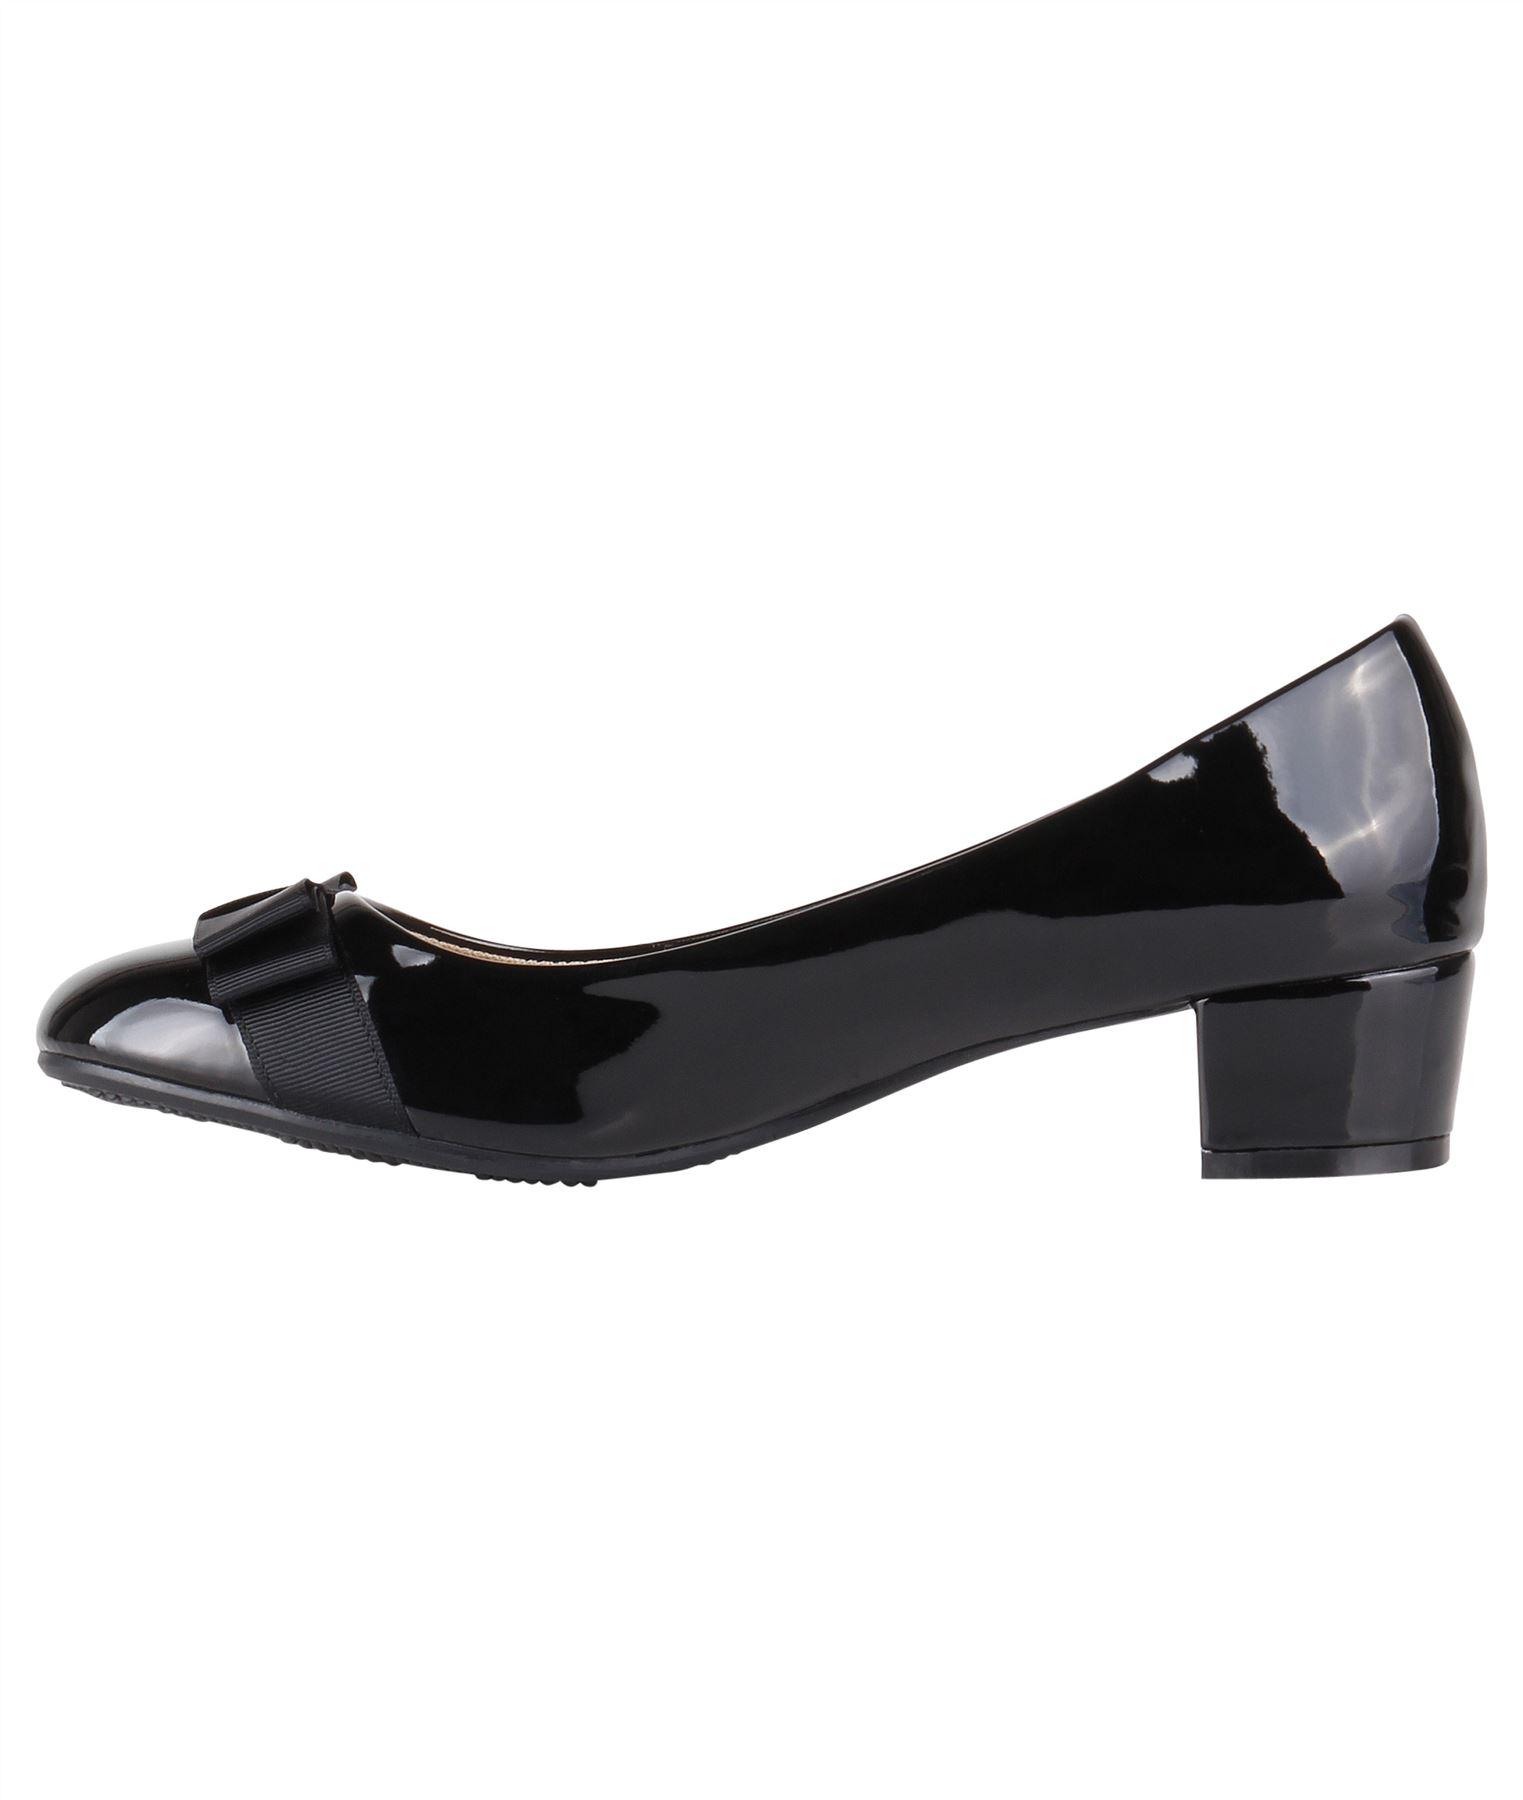 Damen-Elegante-Absatzschuhe-Hochlganz-Pumps-Blockabsatz-Ballerina-Schuhe-Chic Indexbild 26